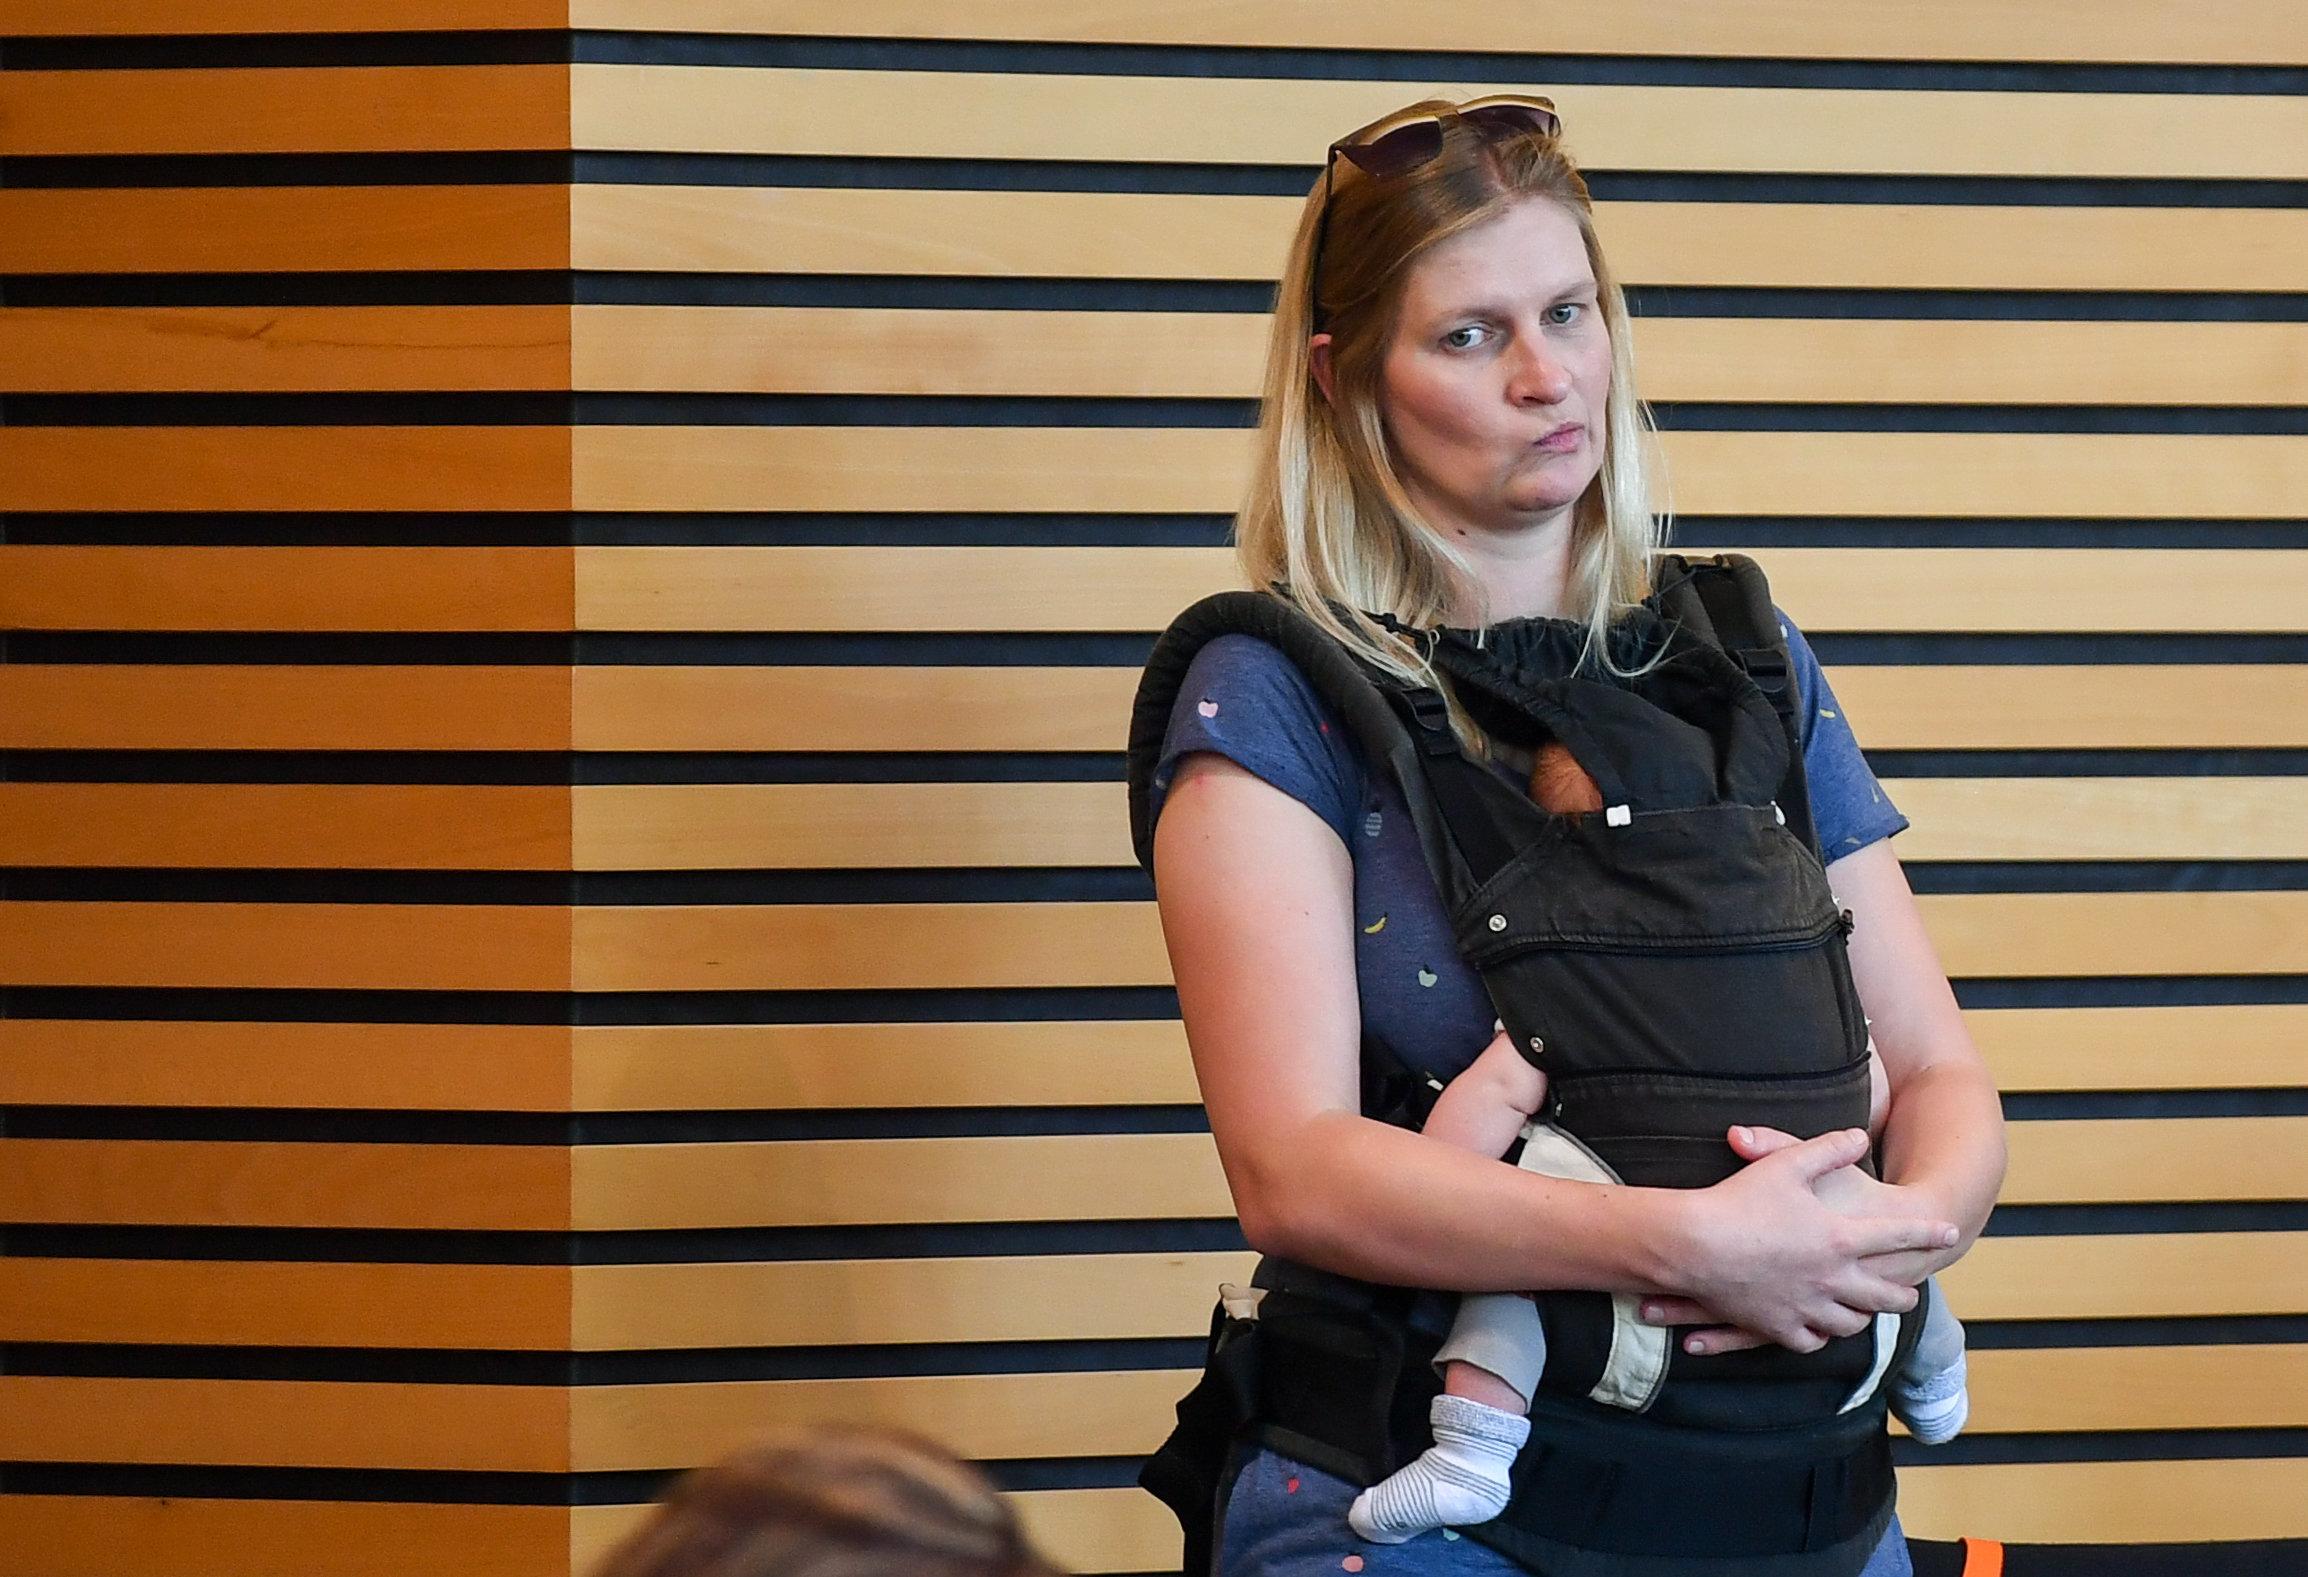 Thüringen: Grünen-Abgeordnete erscheint mit Baby –und wird aus dem Plenarsaal